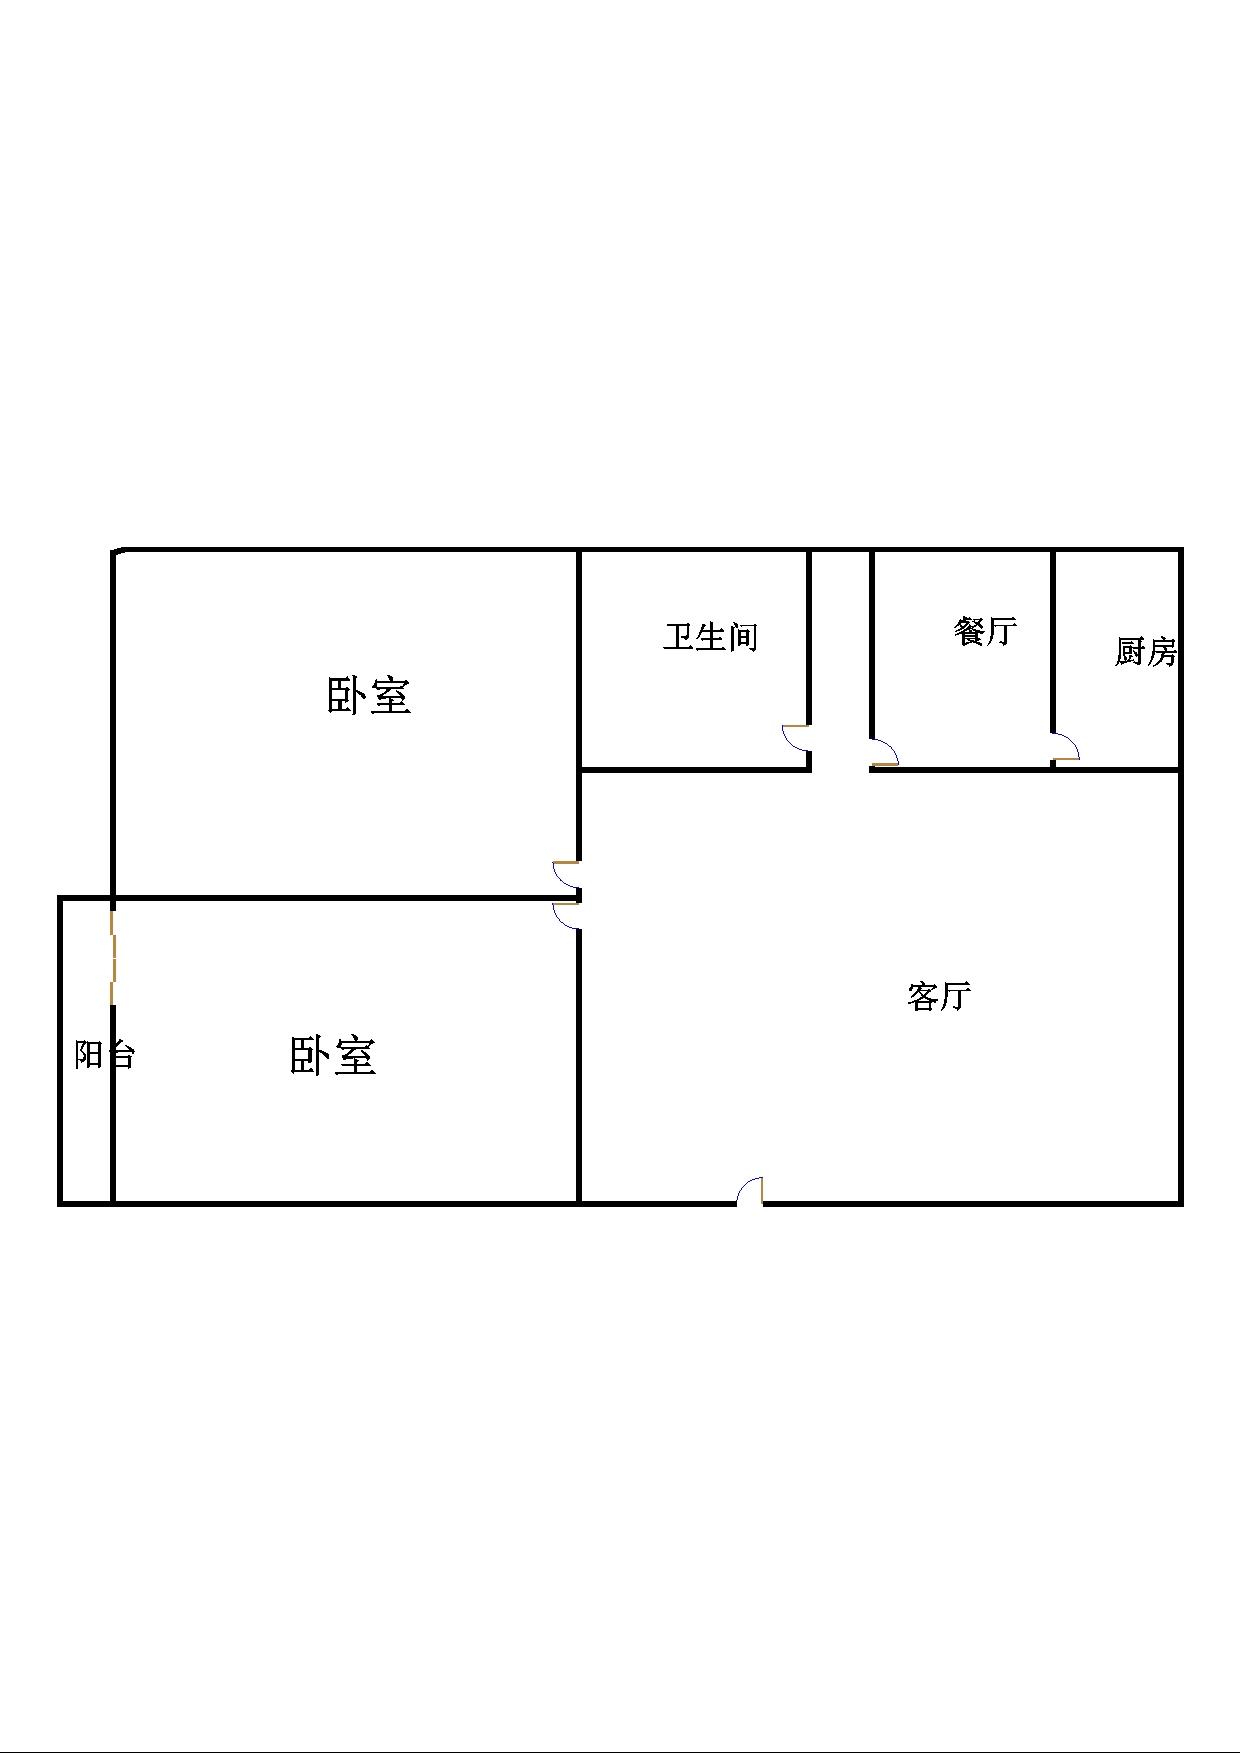 胜利花园 2室2厅 双证齐全过五年 简装 66.5万